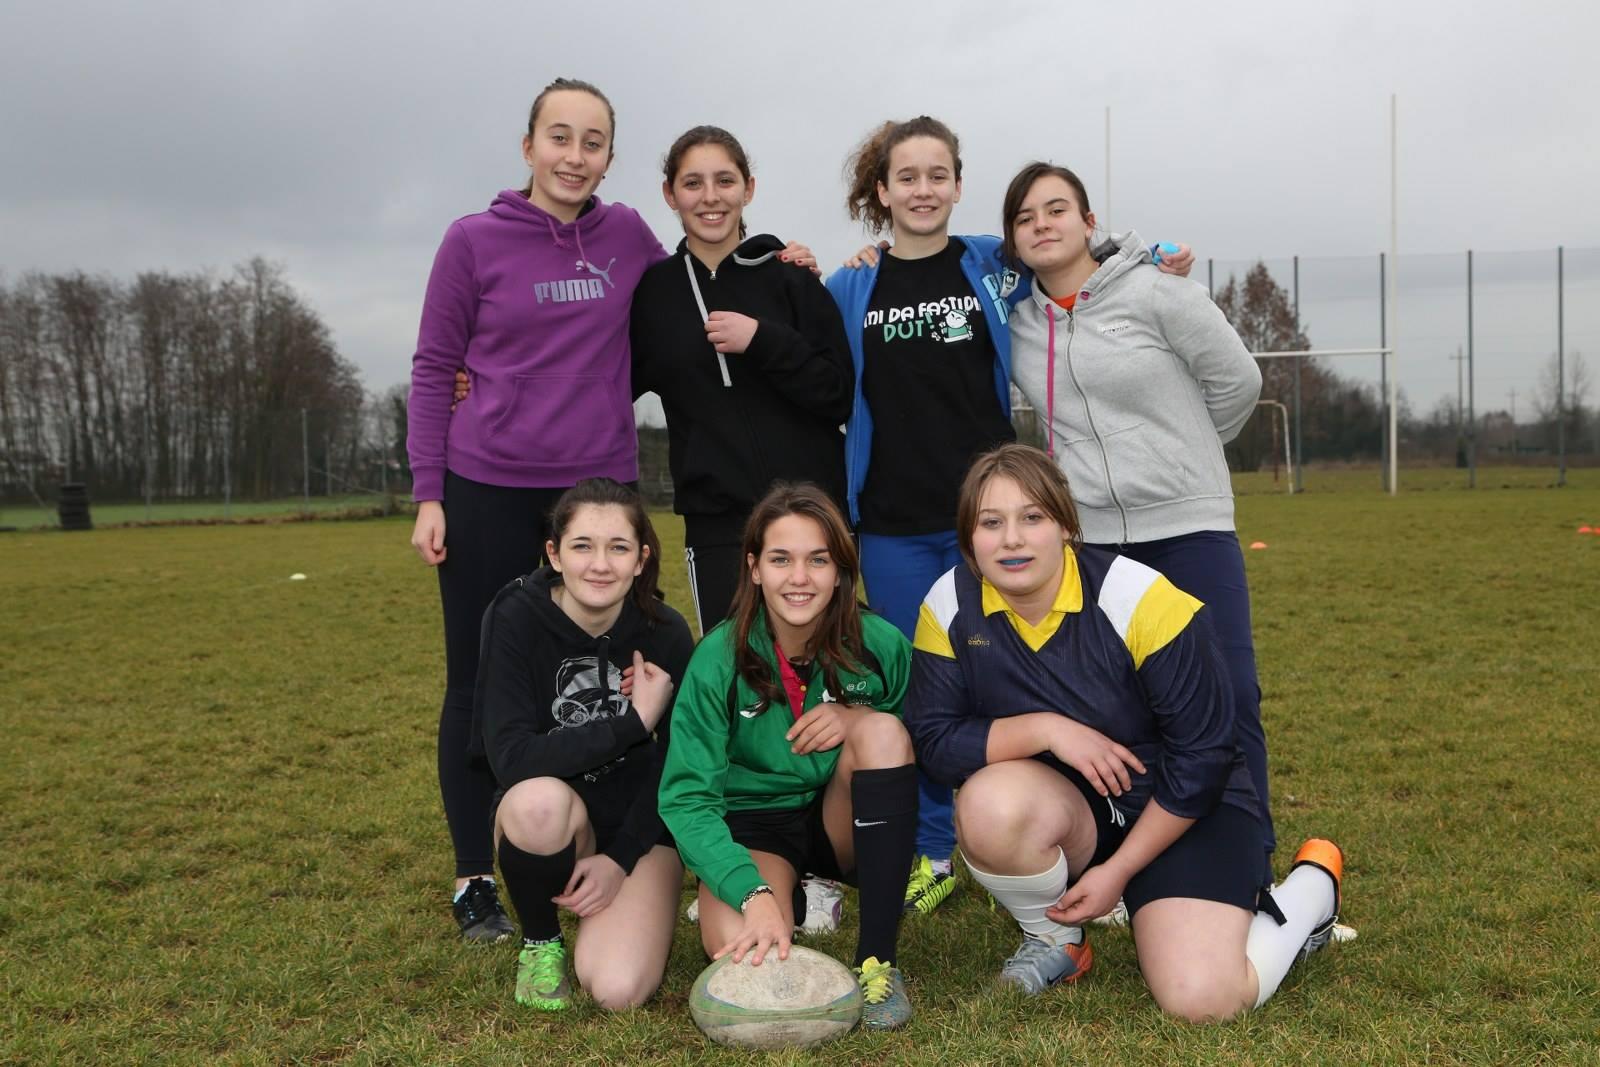 Primo raggruppamento rugby scuola 2016. Progetto Rugby Scolastico ASD Juvenilia/Bassa Friulana